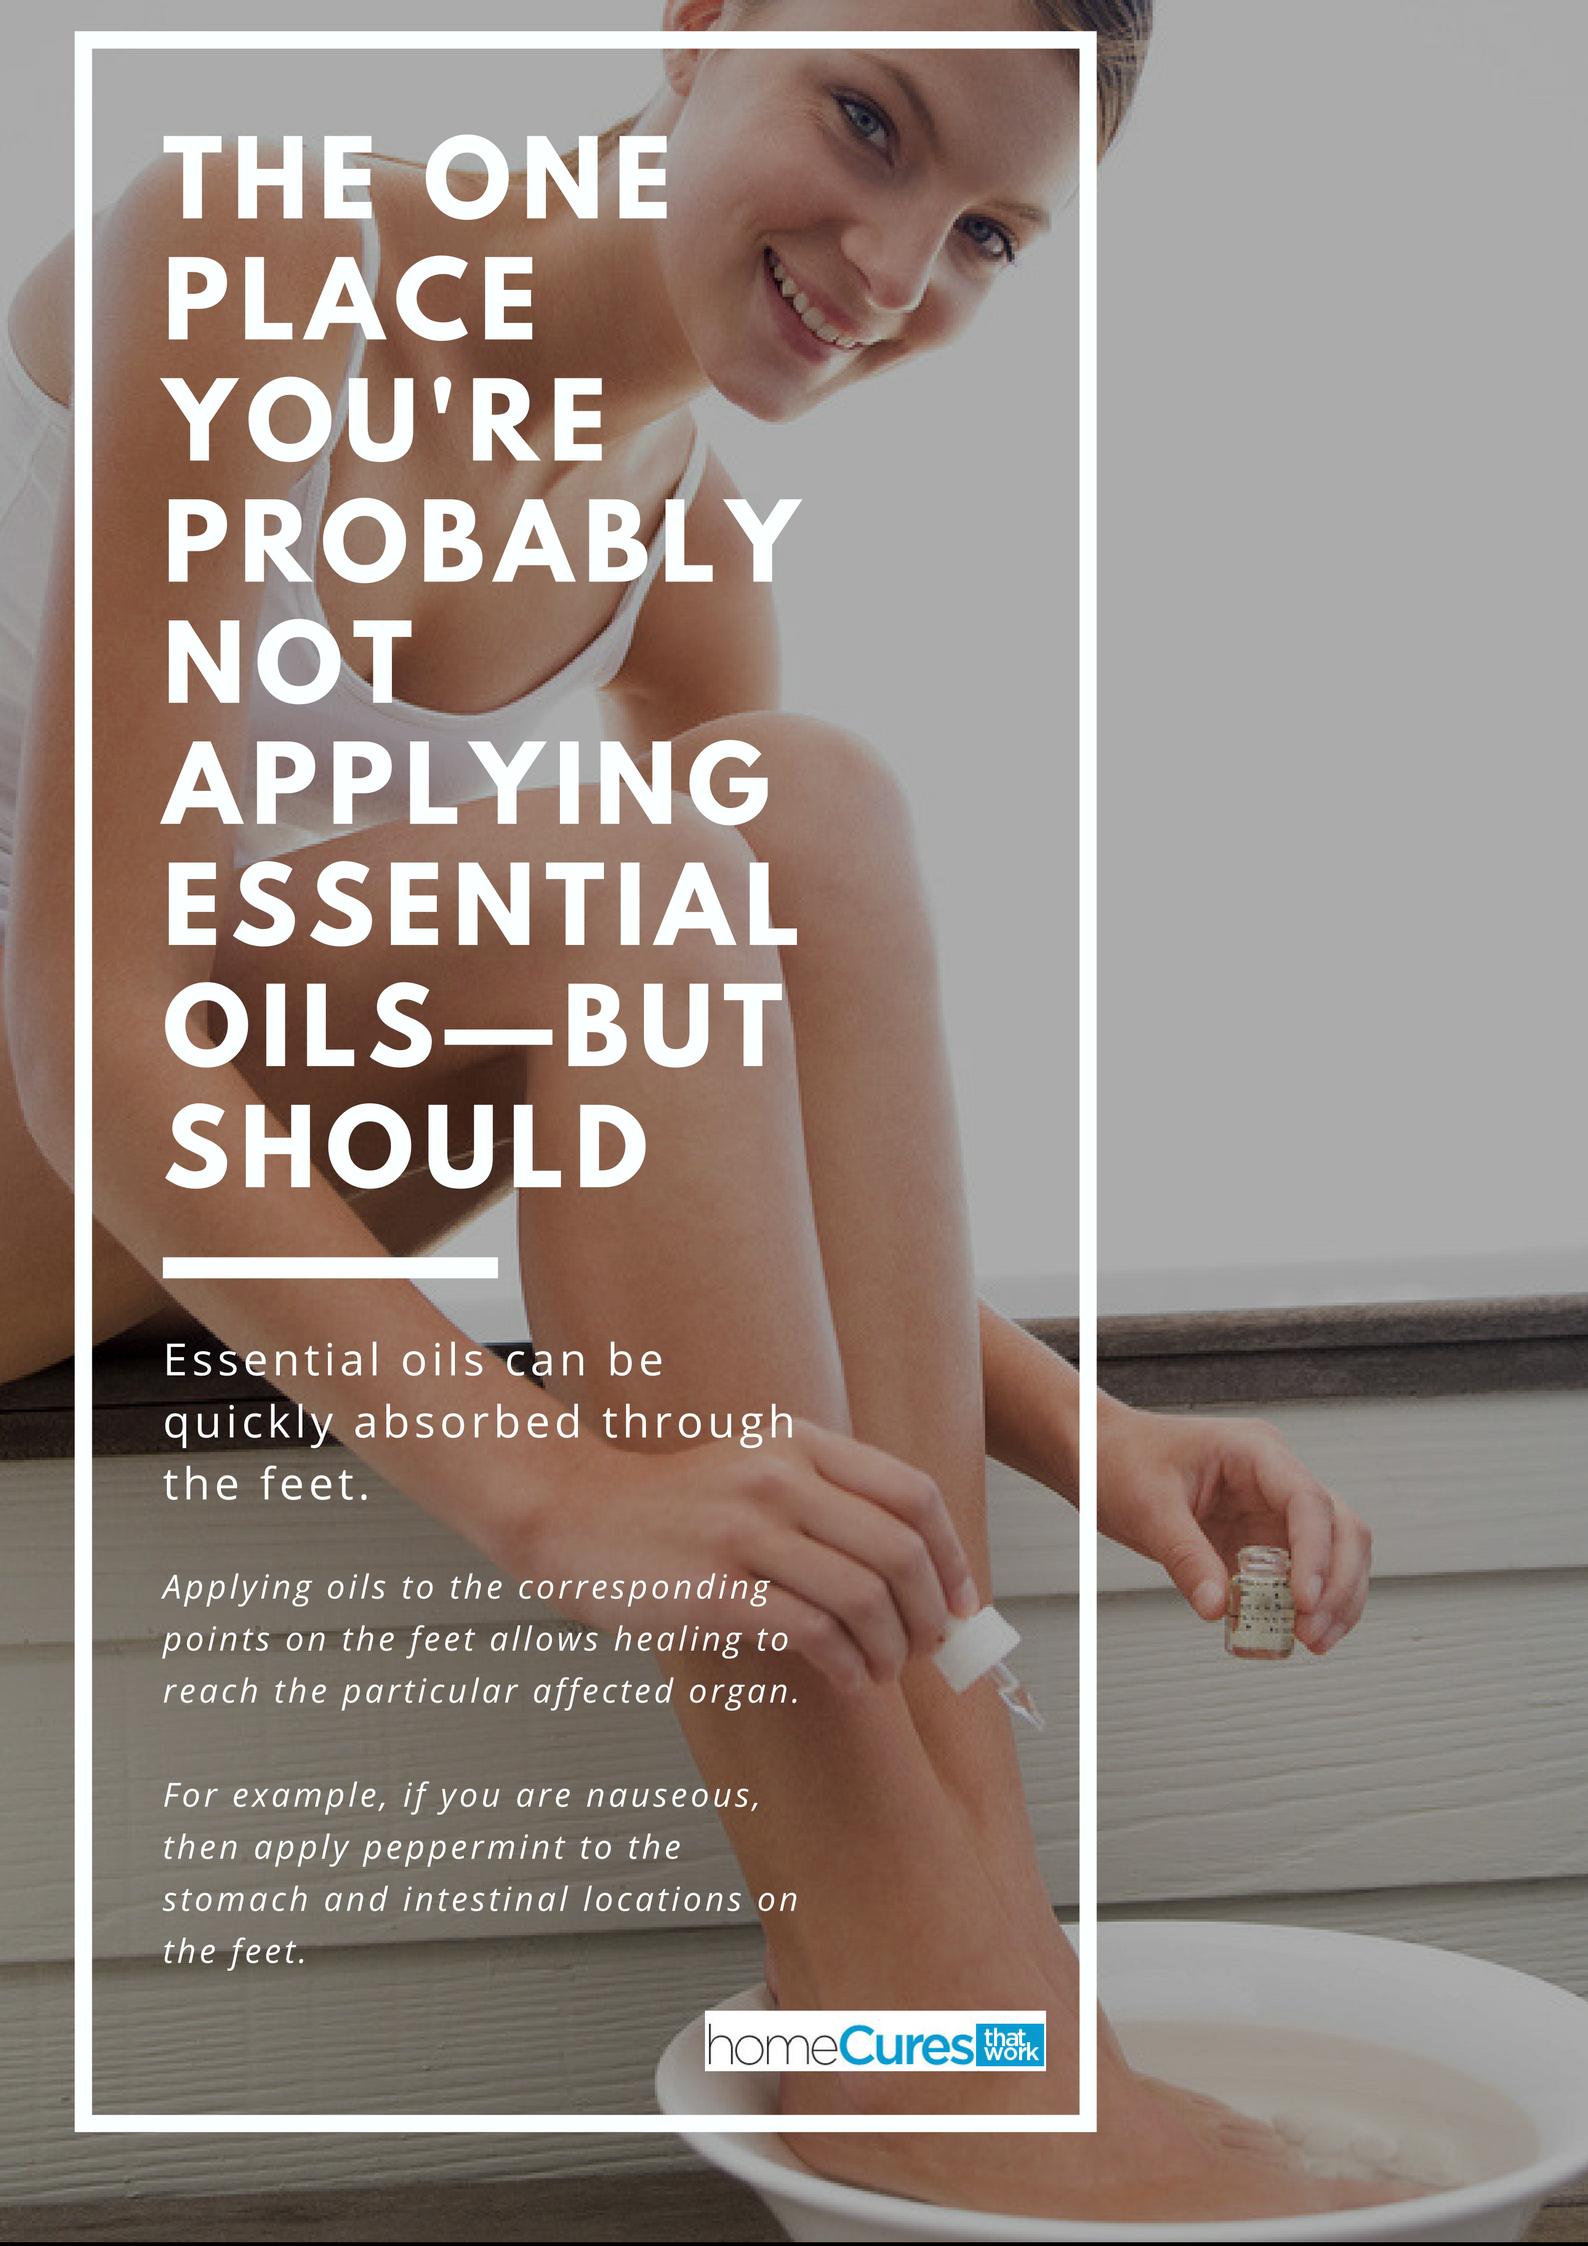 Top 10 Essential Oils Essential oils, Oils, How to apply